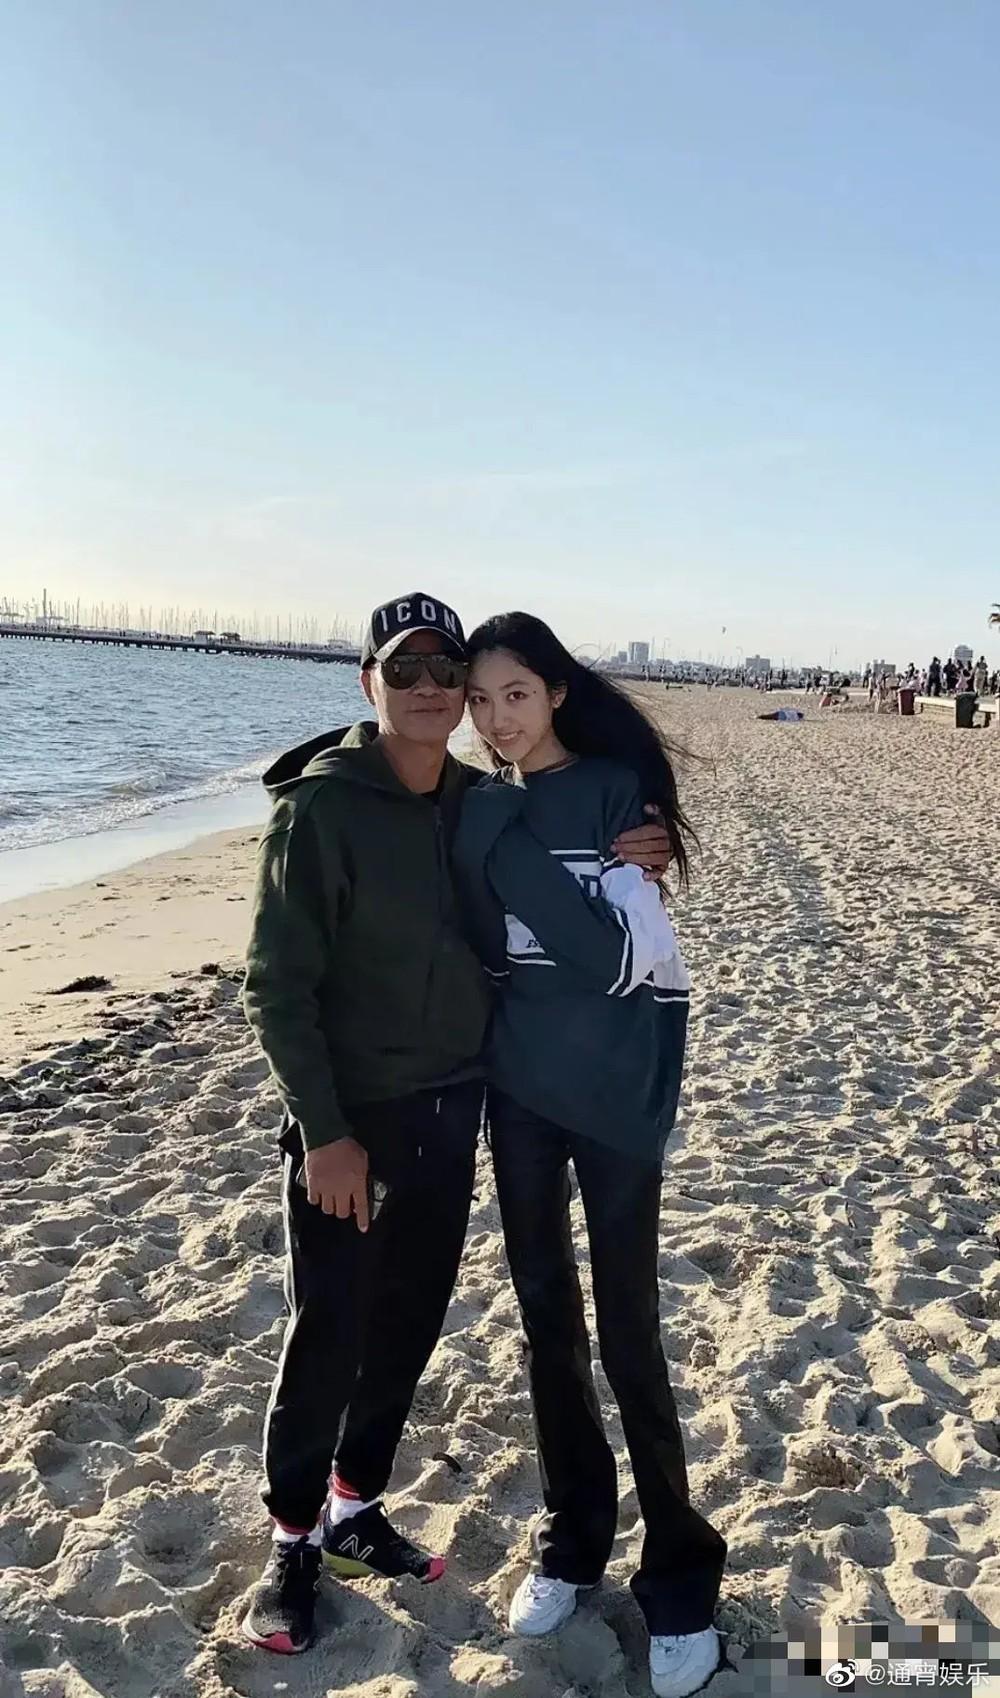 Con gái ông trùm showbiz Hong Kong: Đẹp ấn tượng, 17 tuổi cao 1,8m, chân dài miên man - Ảnh 9.